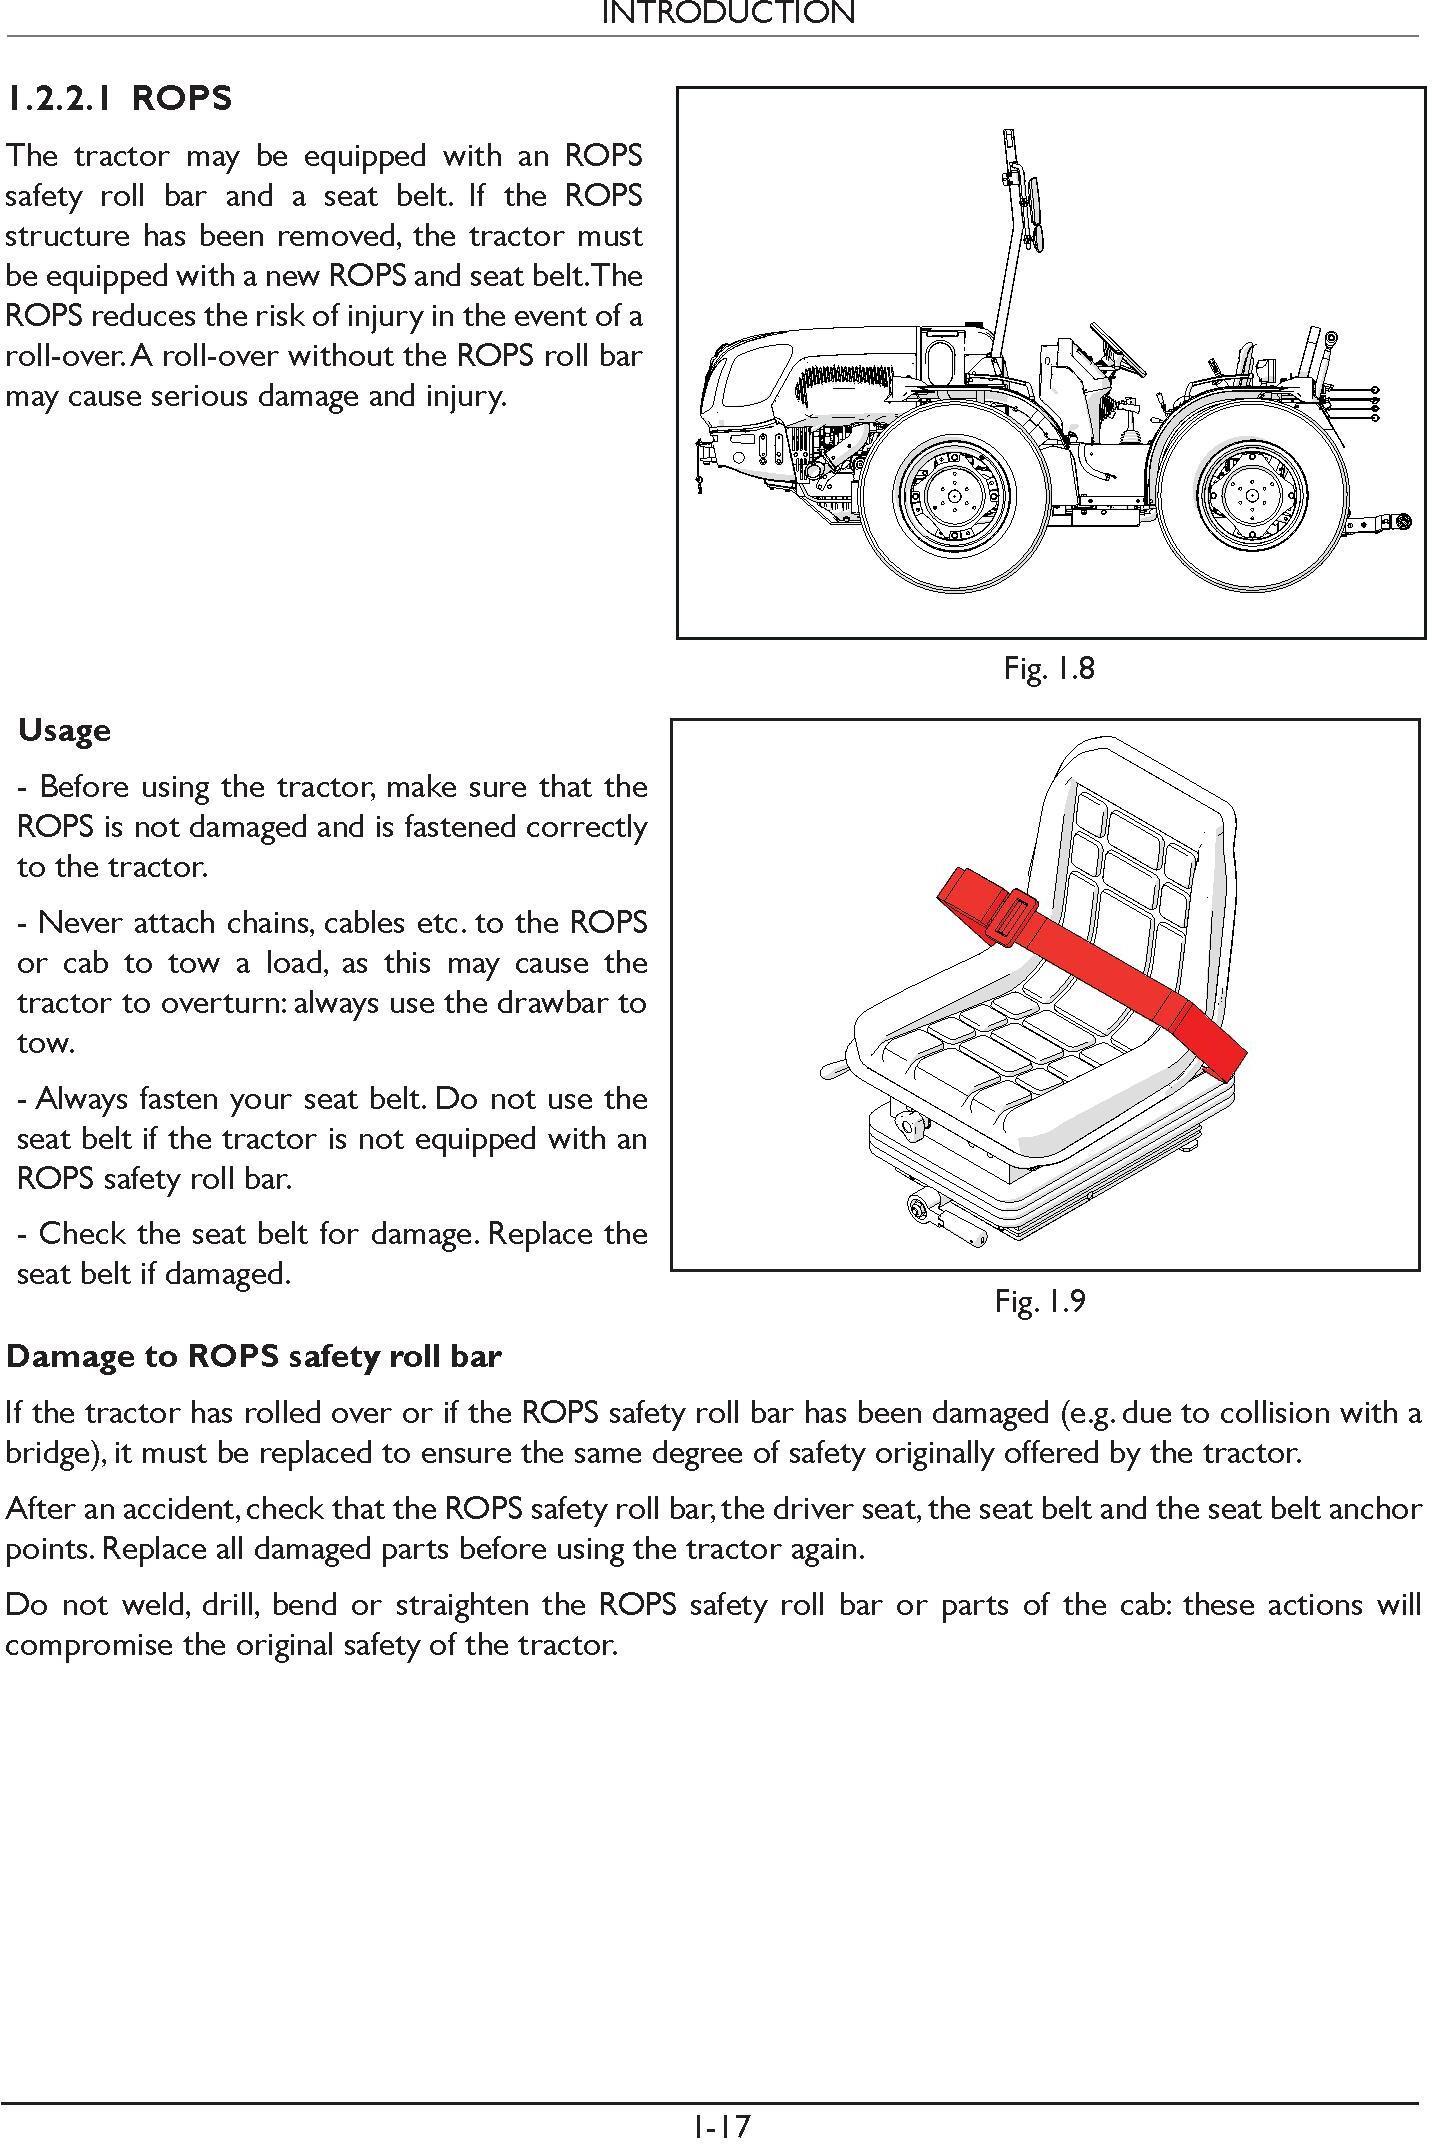 New Holland TI4.70 RS, TI4.80 RS, TI4.90 RS, TI4.100 RS Tractor Service Manual - 1